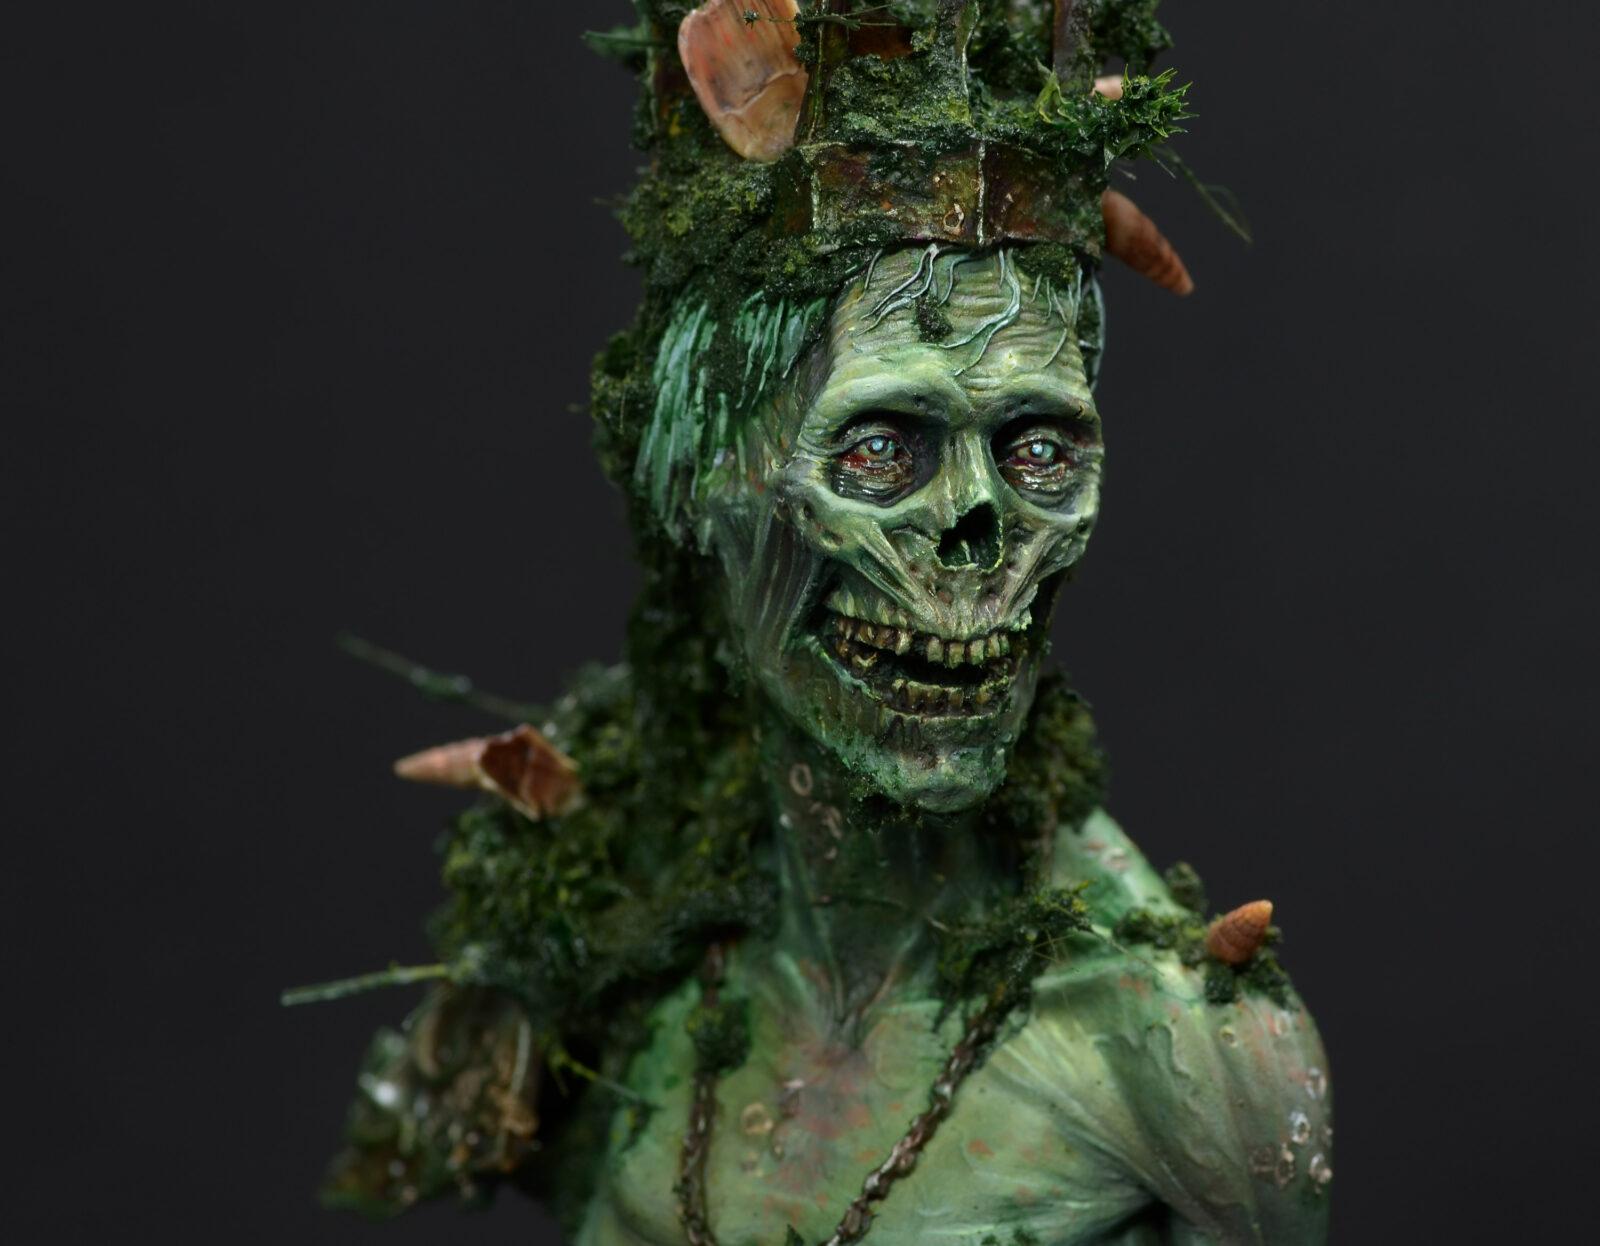 Ghoulking01